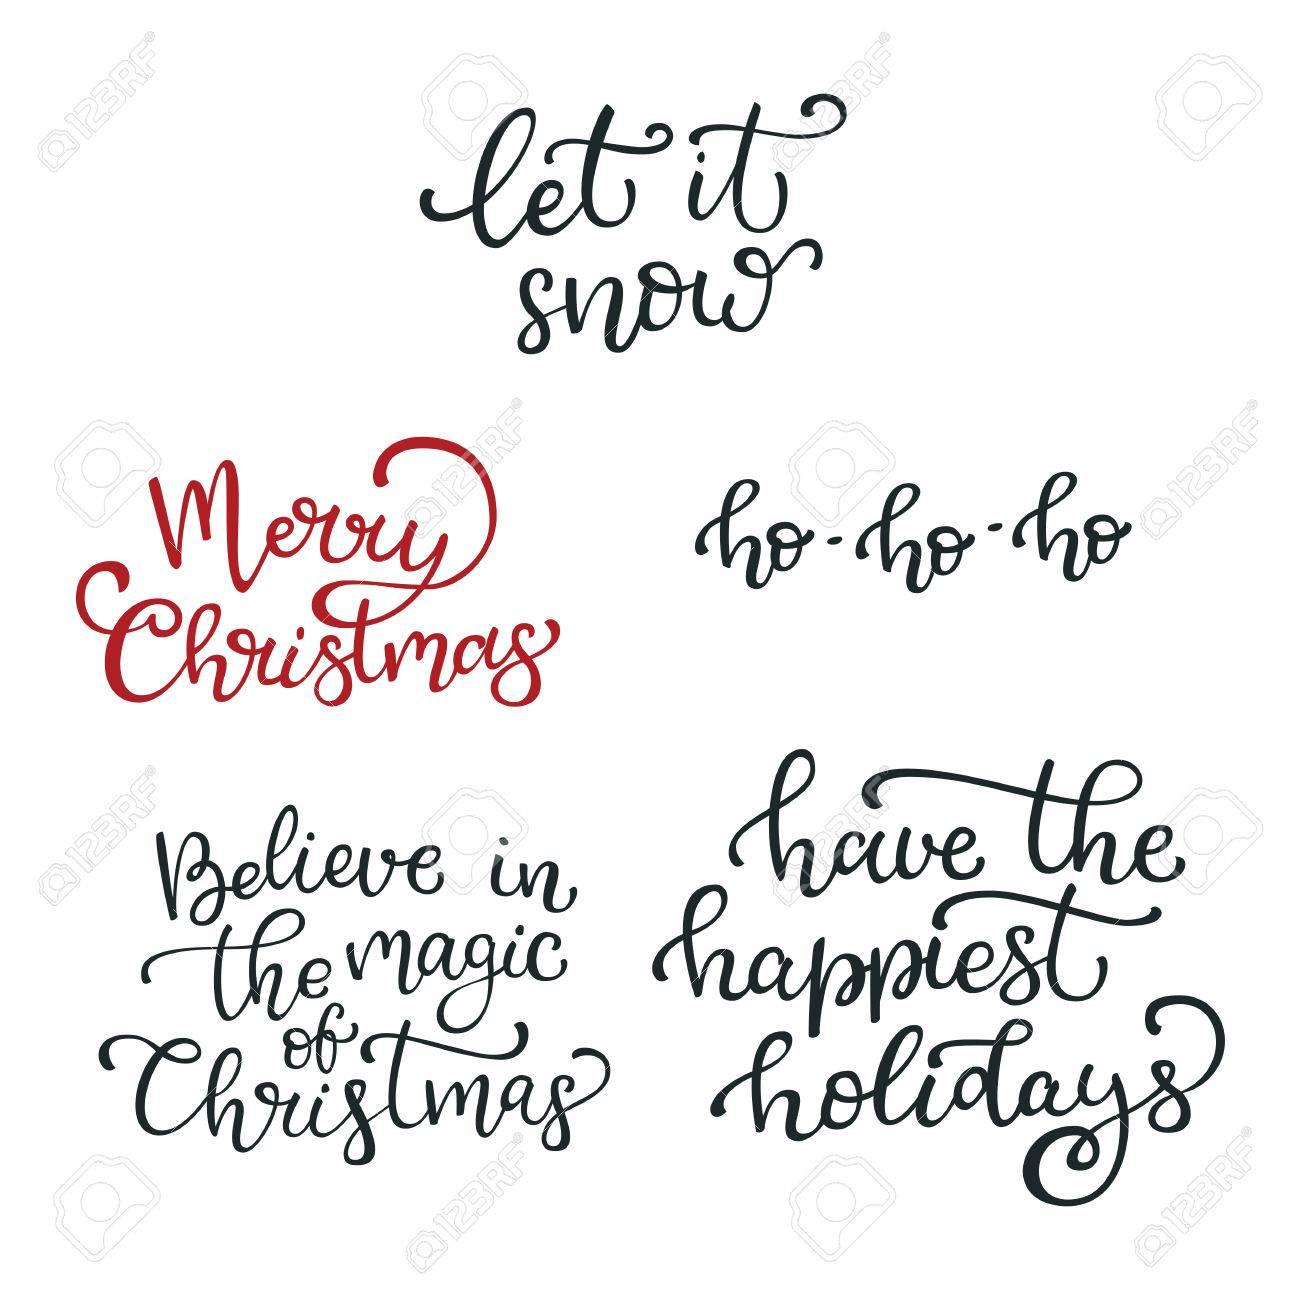 Zitate Weihnachten.Stock Photo